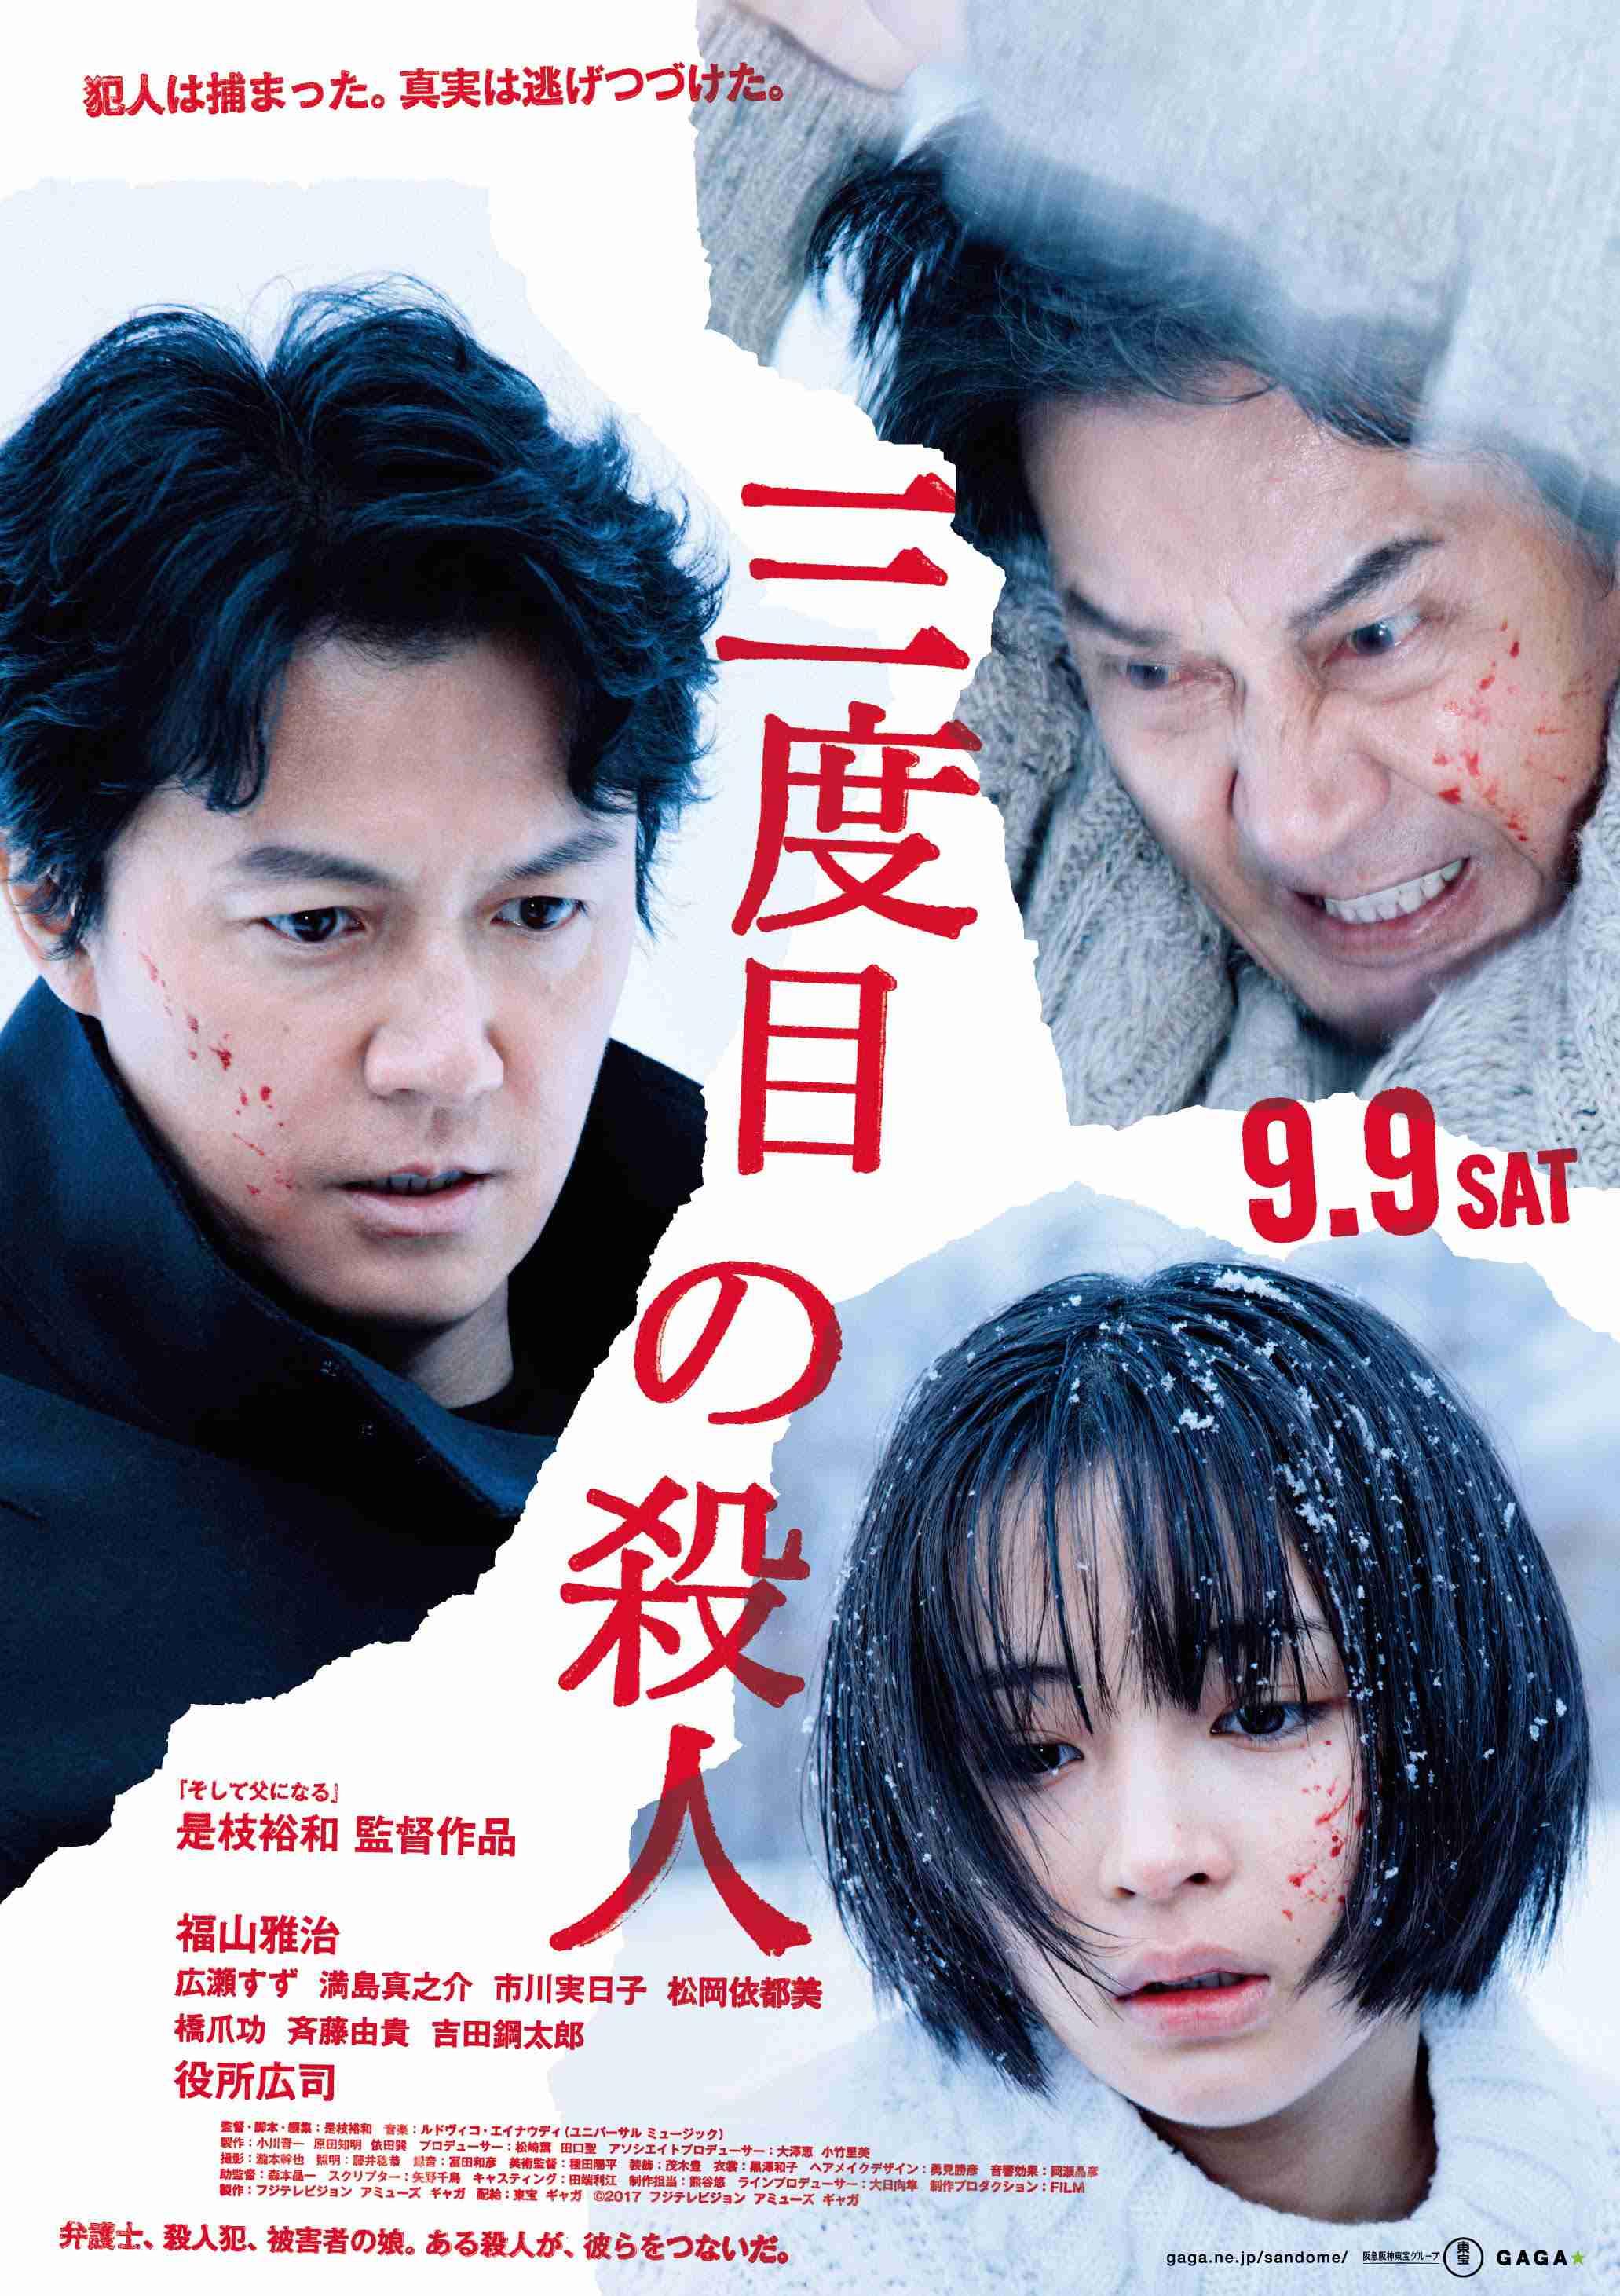 日本の映画やドラマの不満を言うトピ